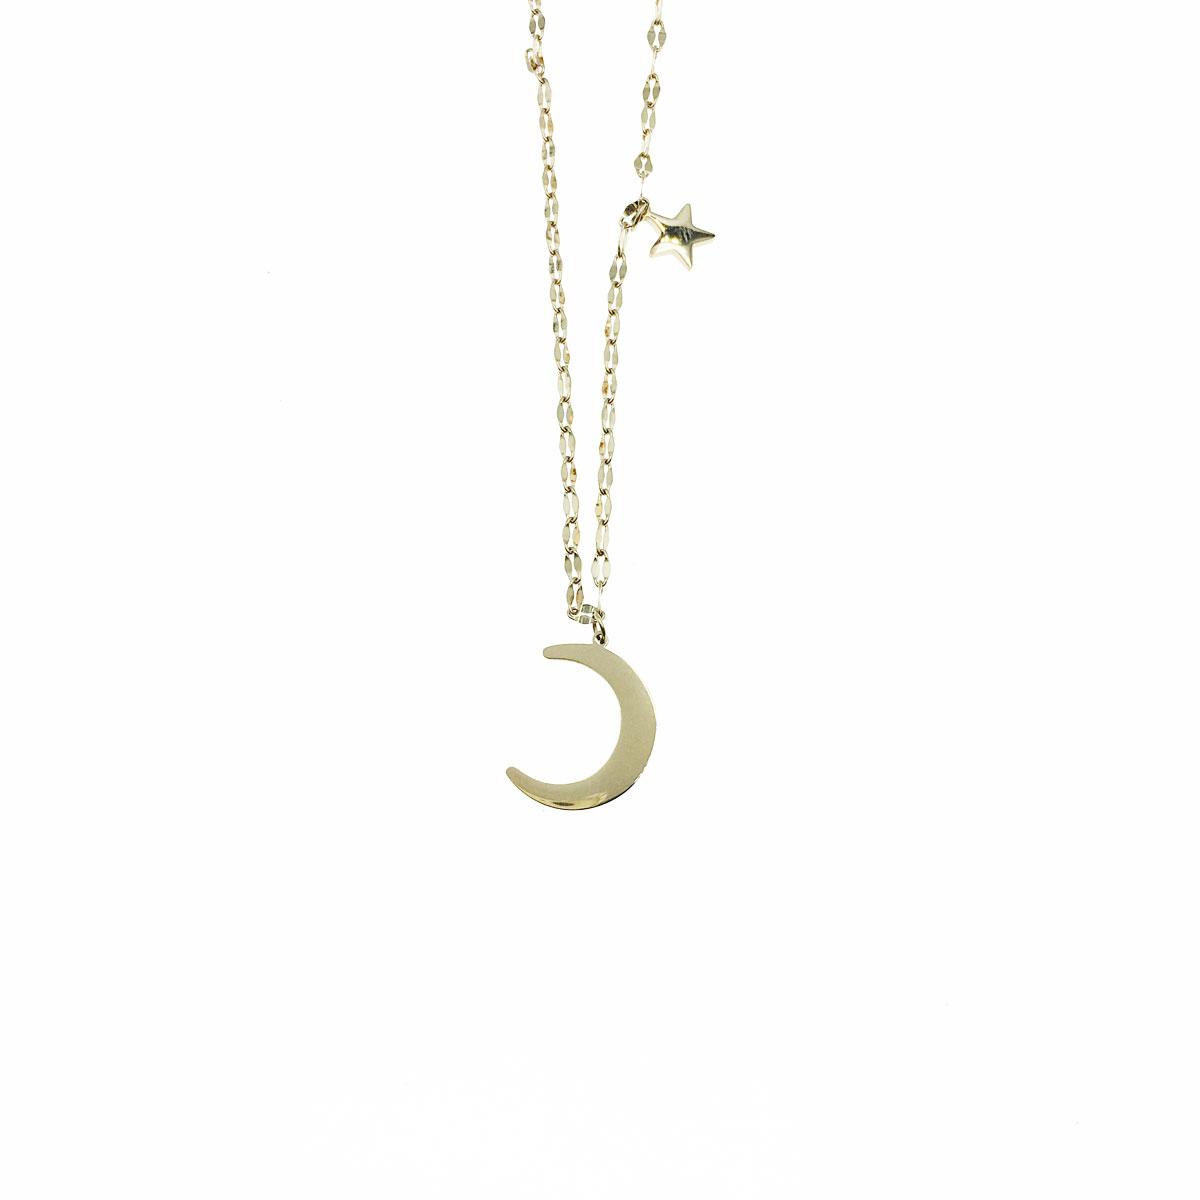 韓國 不銹鋼 星星 月亮 鎖骨鍊 短鍊 項鍊 飾品